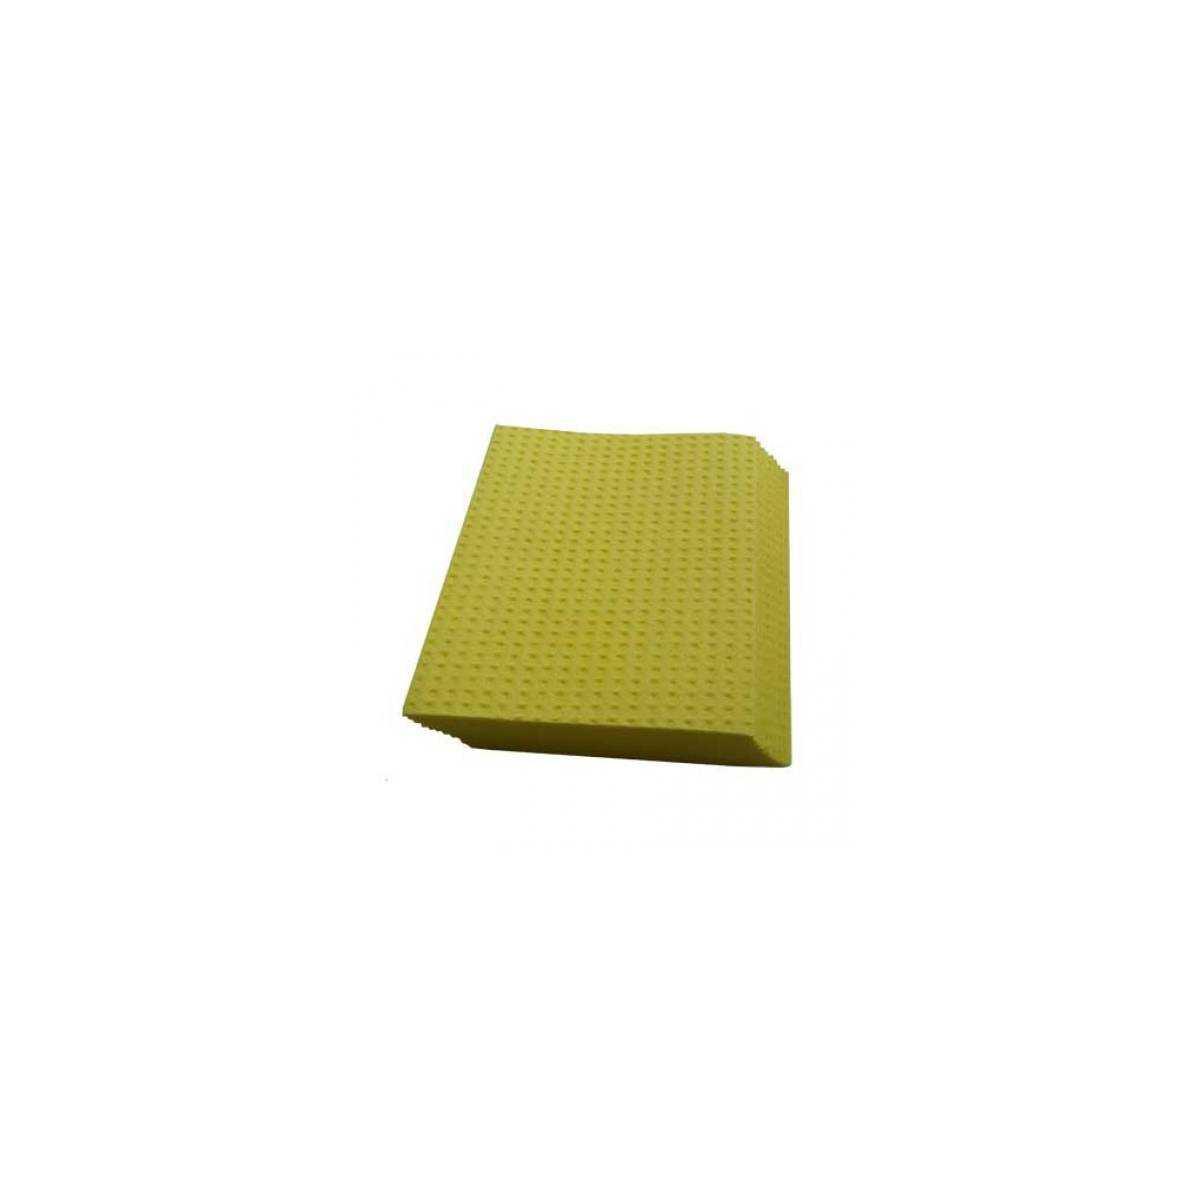 Салфетки для мытья Handy-T 10шт. (Желтые) TCH801030 TTS